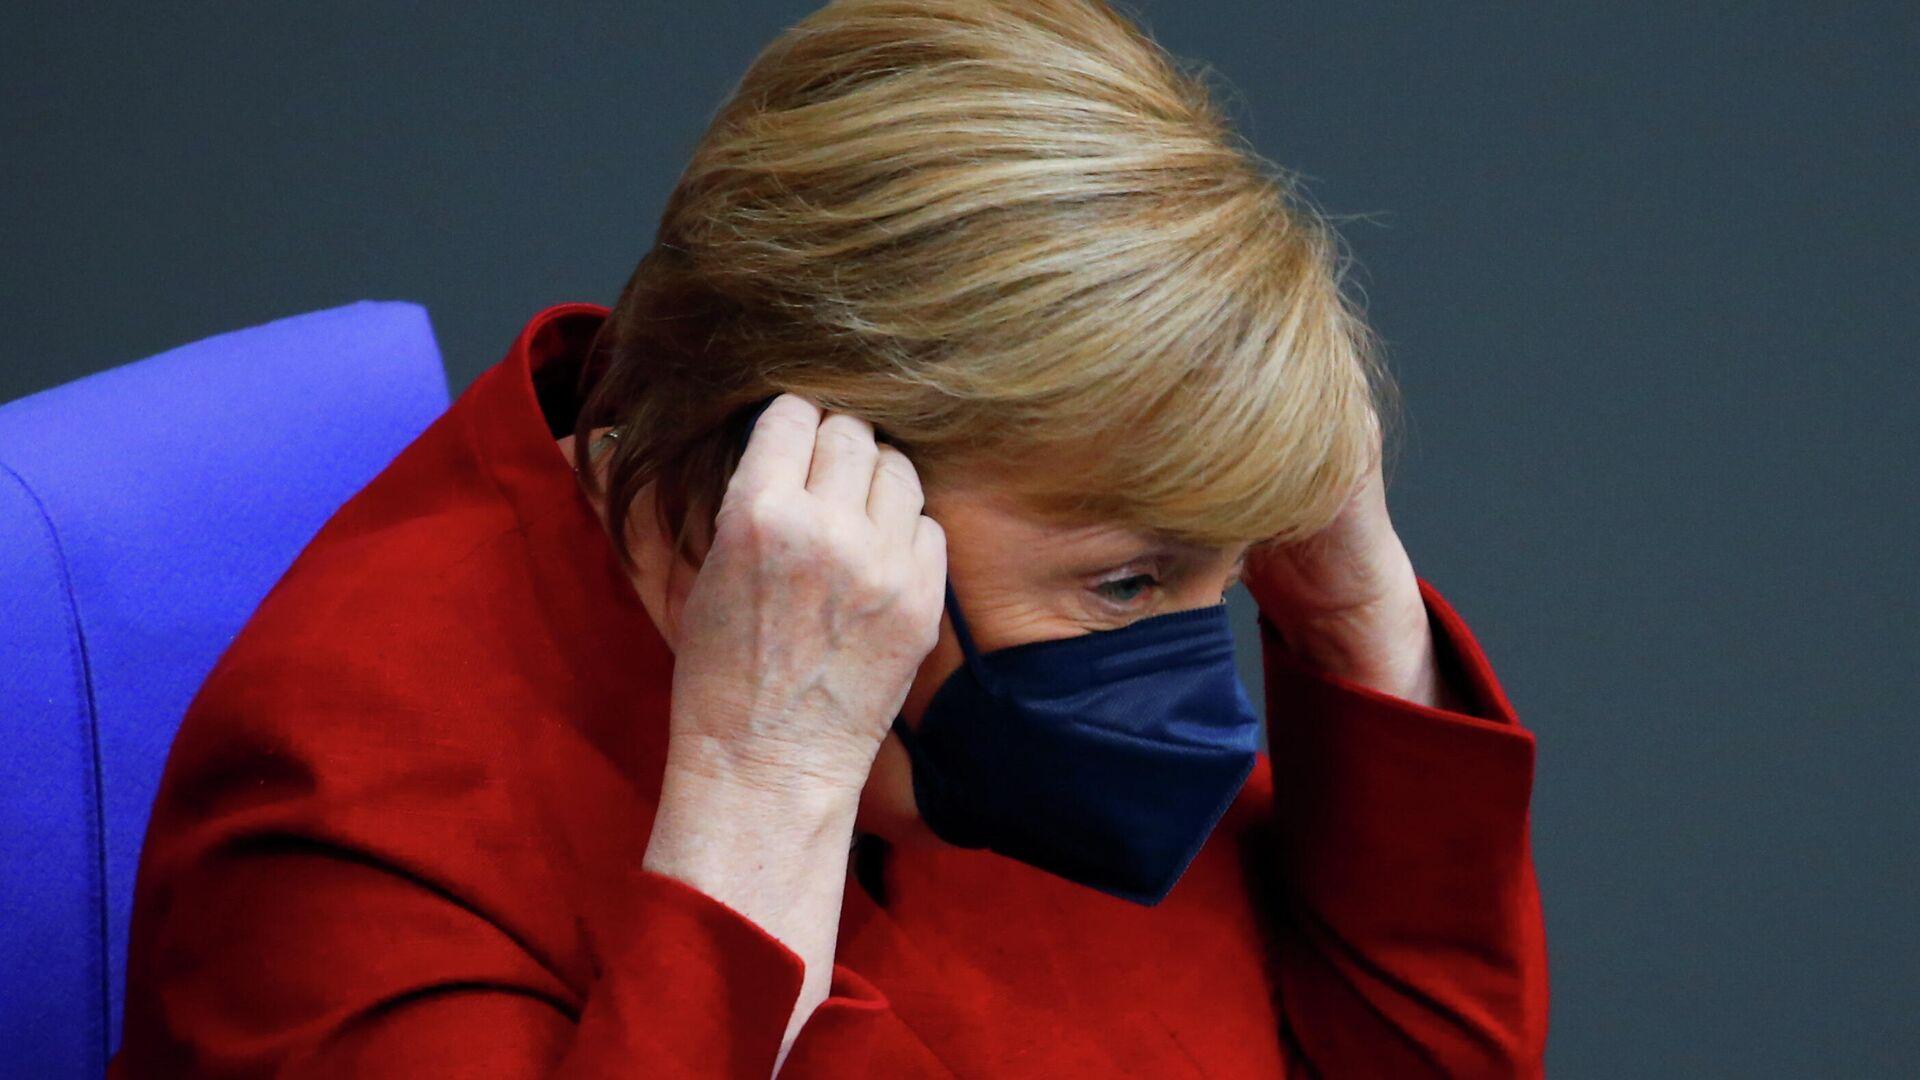 Bundeskanzlerin Angela Merkel während der Sondersitzung zu Afghanistan am 25. August, 2021 - SNA, 1920, 06.09.2021